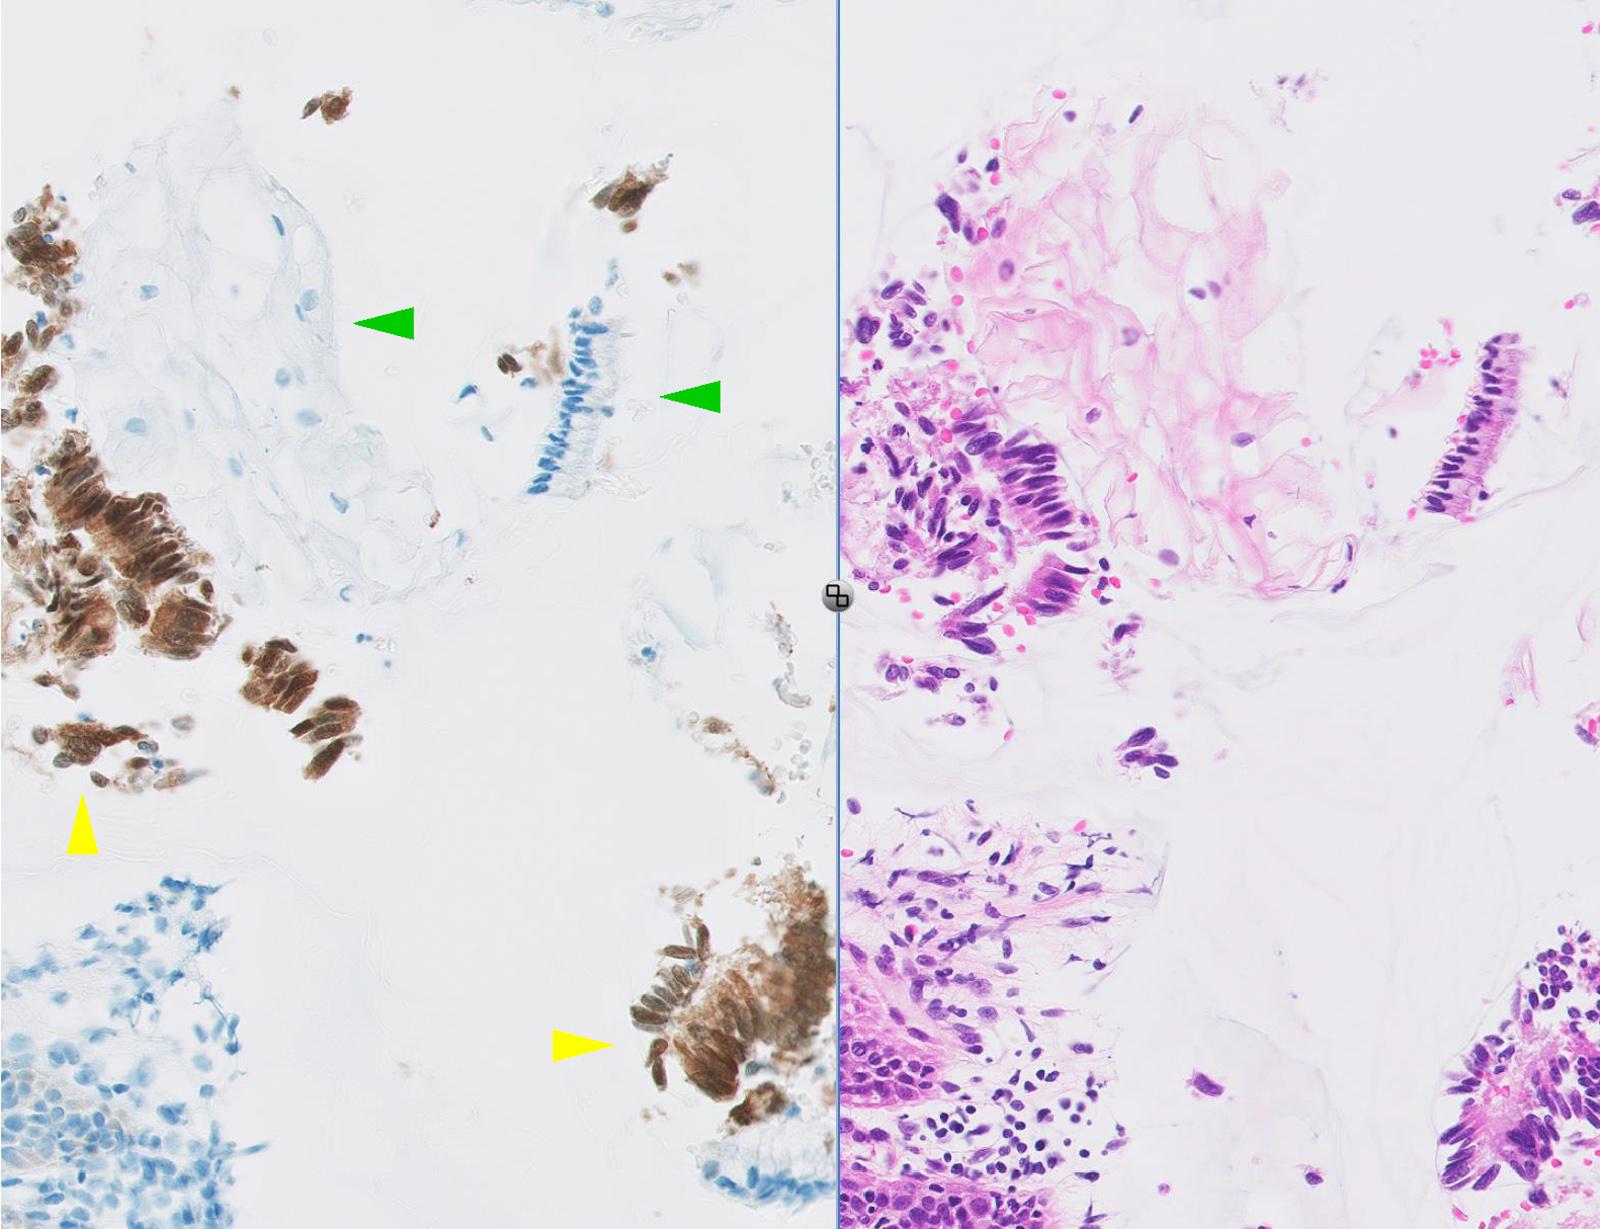 pikkelyes papilloma nyelőcső p16 májtisztító viteldíjak